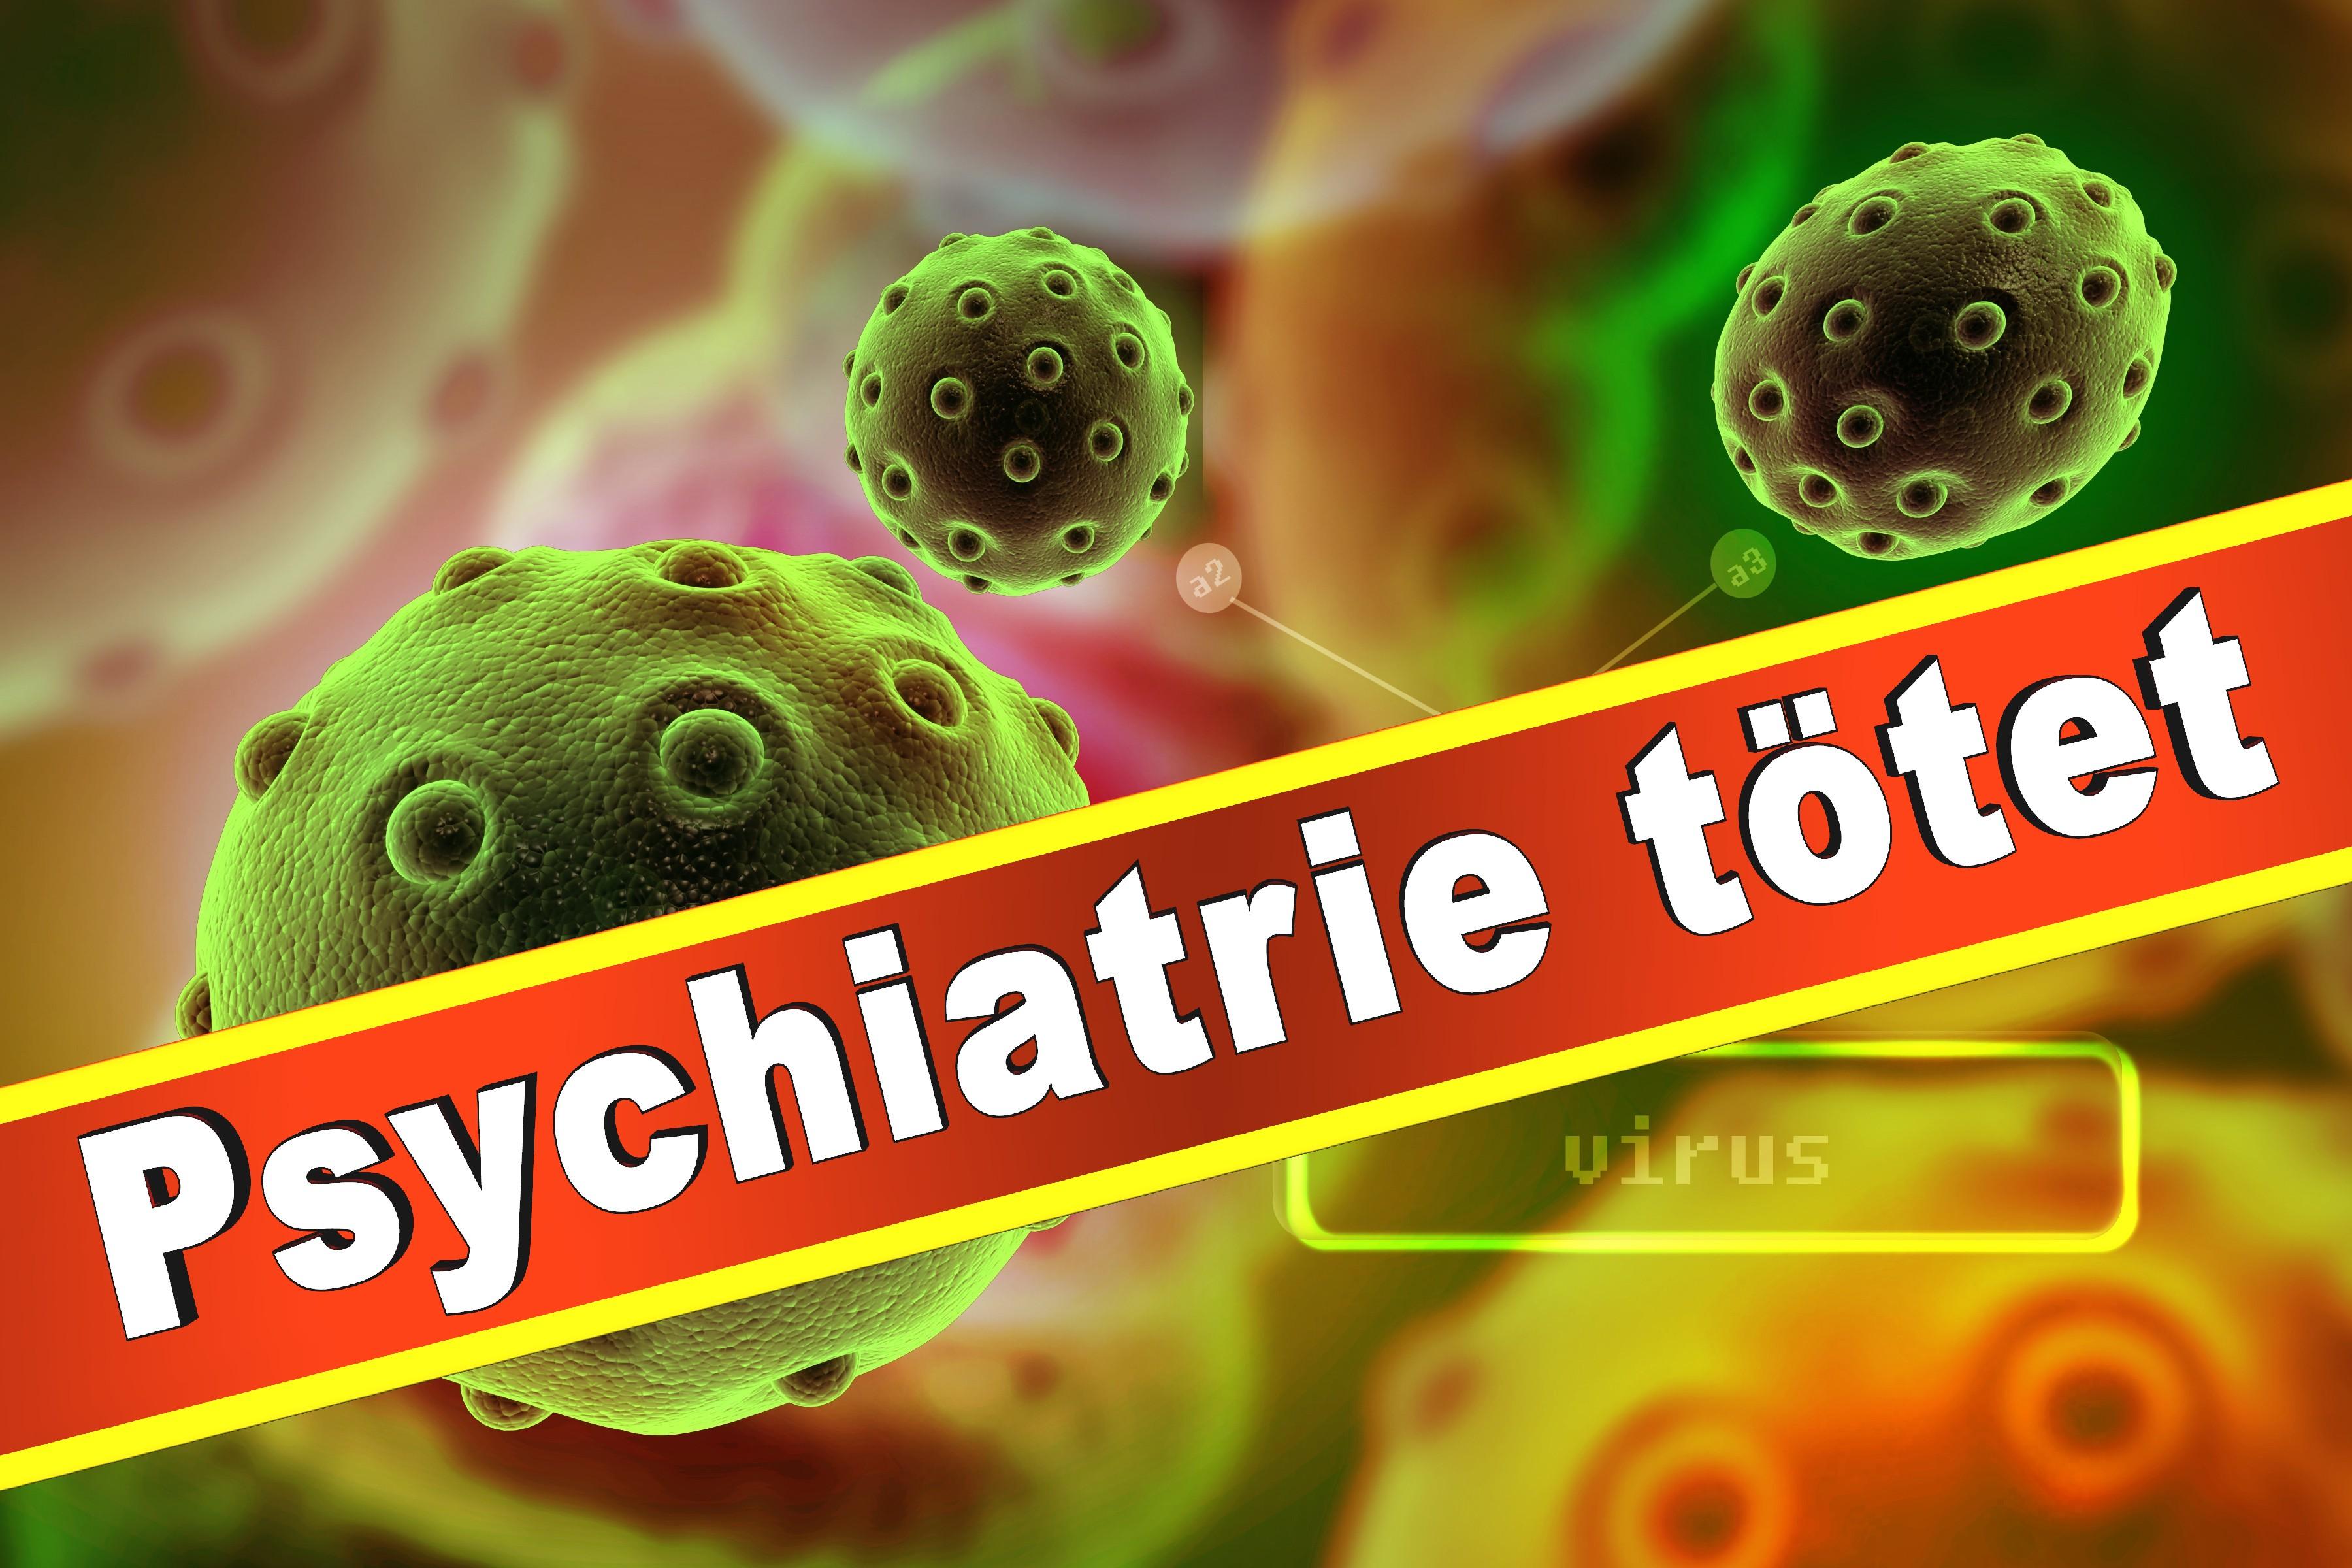 Wielant Machleidt Psychiater Psychotherapeut Professor Praxis Der Interkulturellen Psychiatrie Und Psychotherapie Medizinische Hochschule Hannover Klinik Für Psychiatrie Sozialpsychiatrie (10)